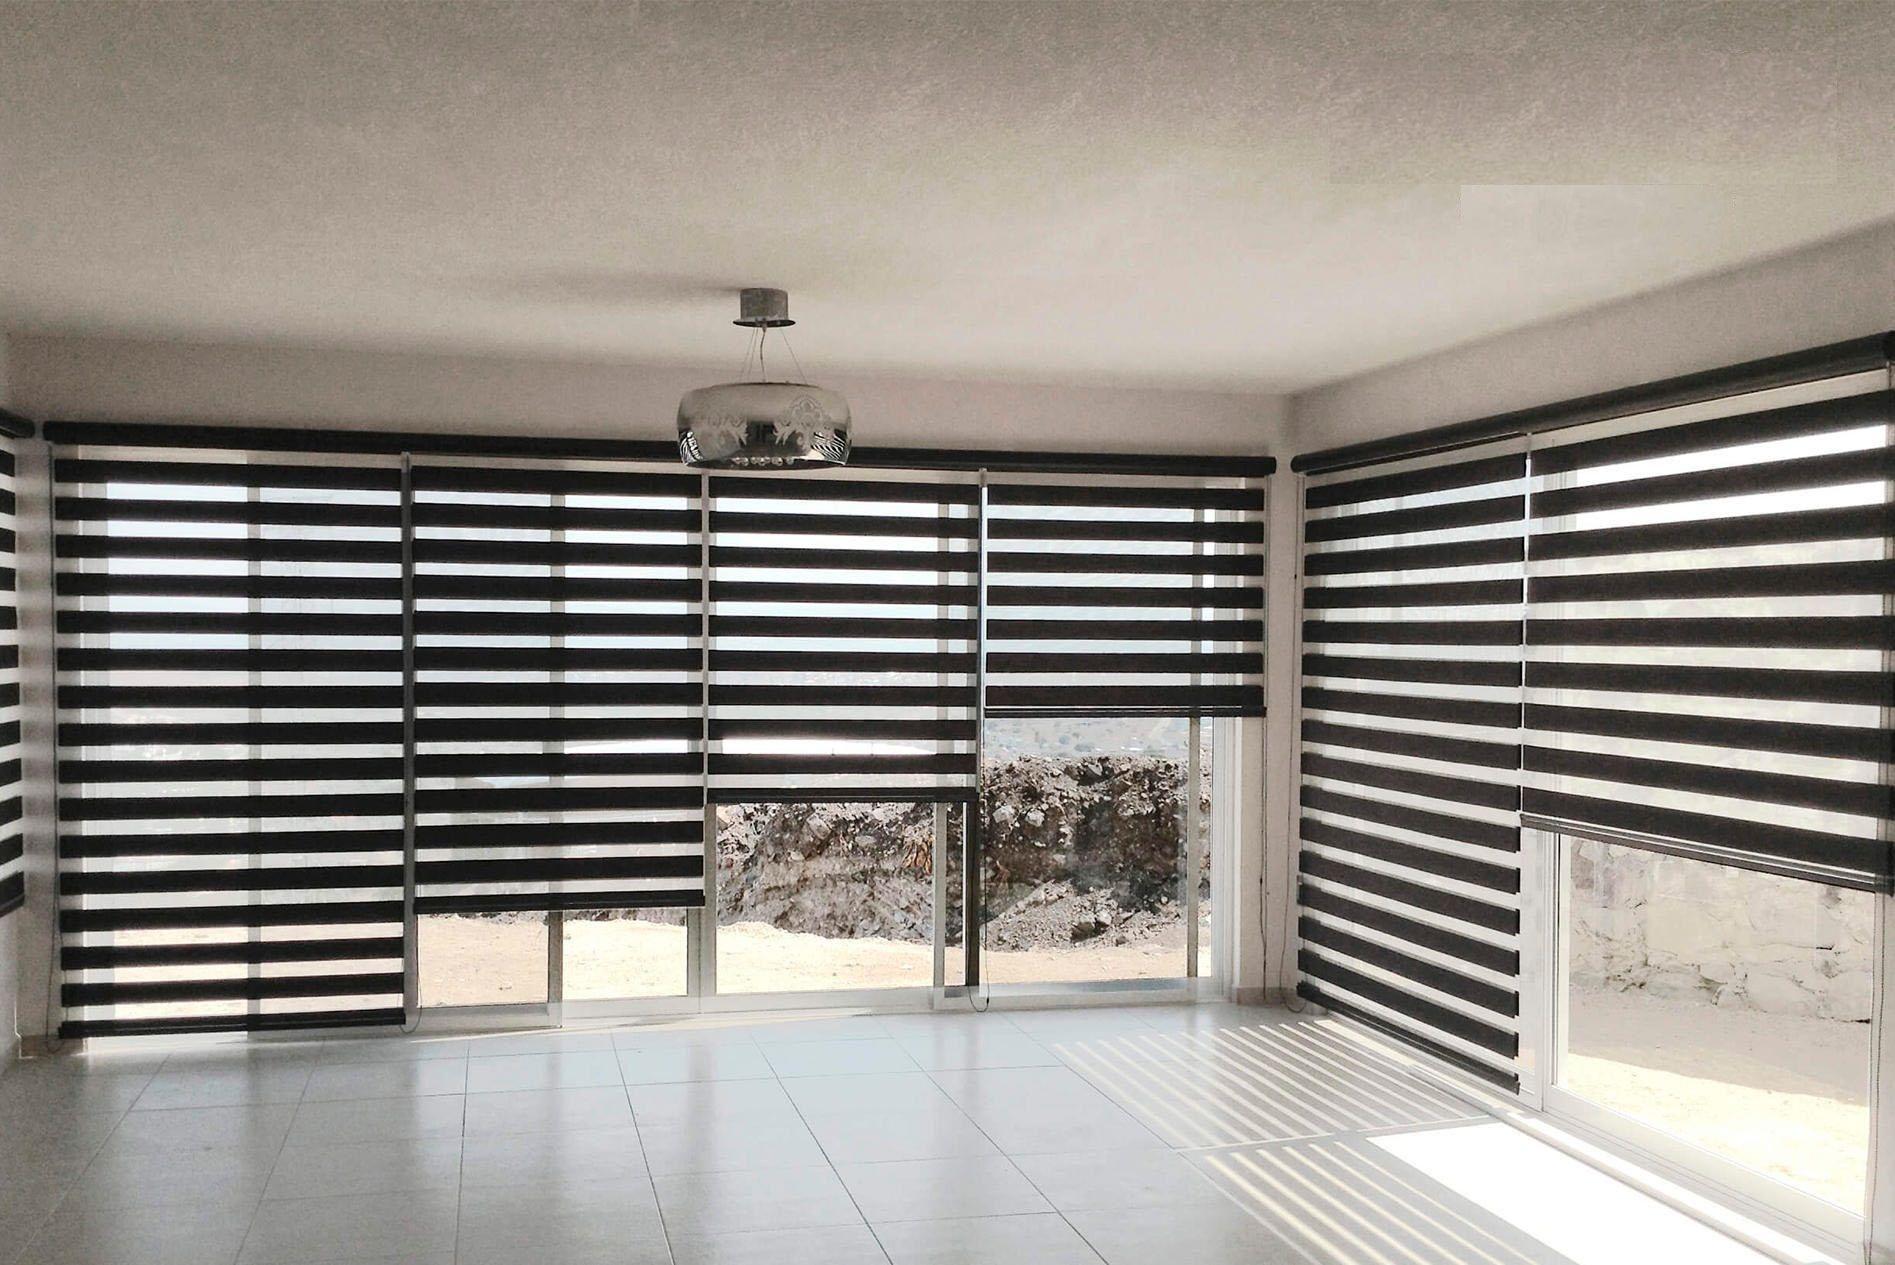 Ya contamos con persianas sheer elegance romanas enrollables panel japon s venecianas - Persianas venecianas verticales ...